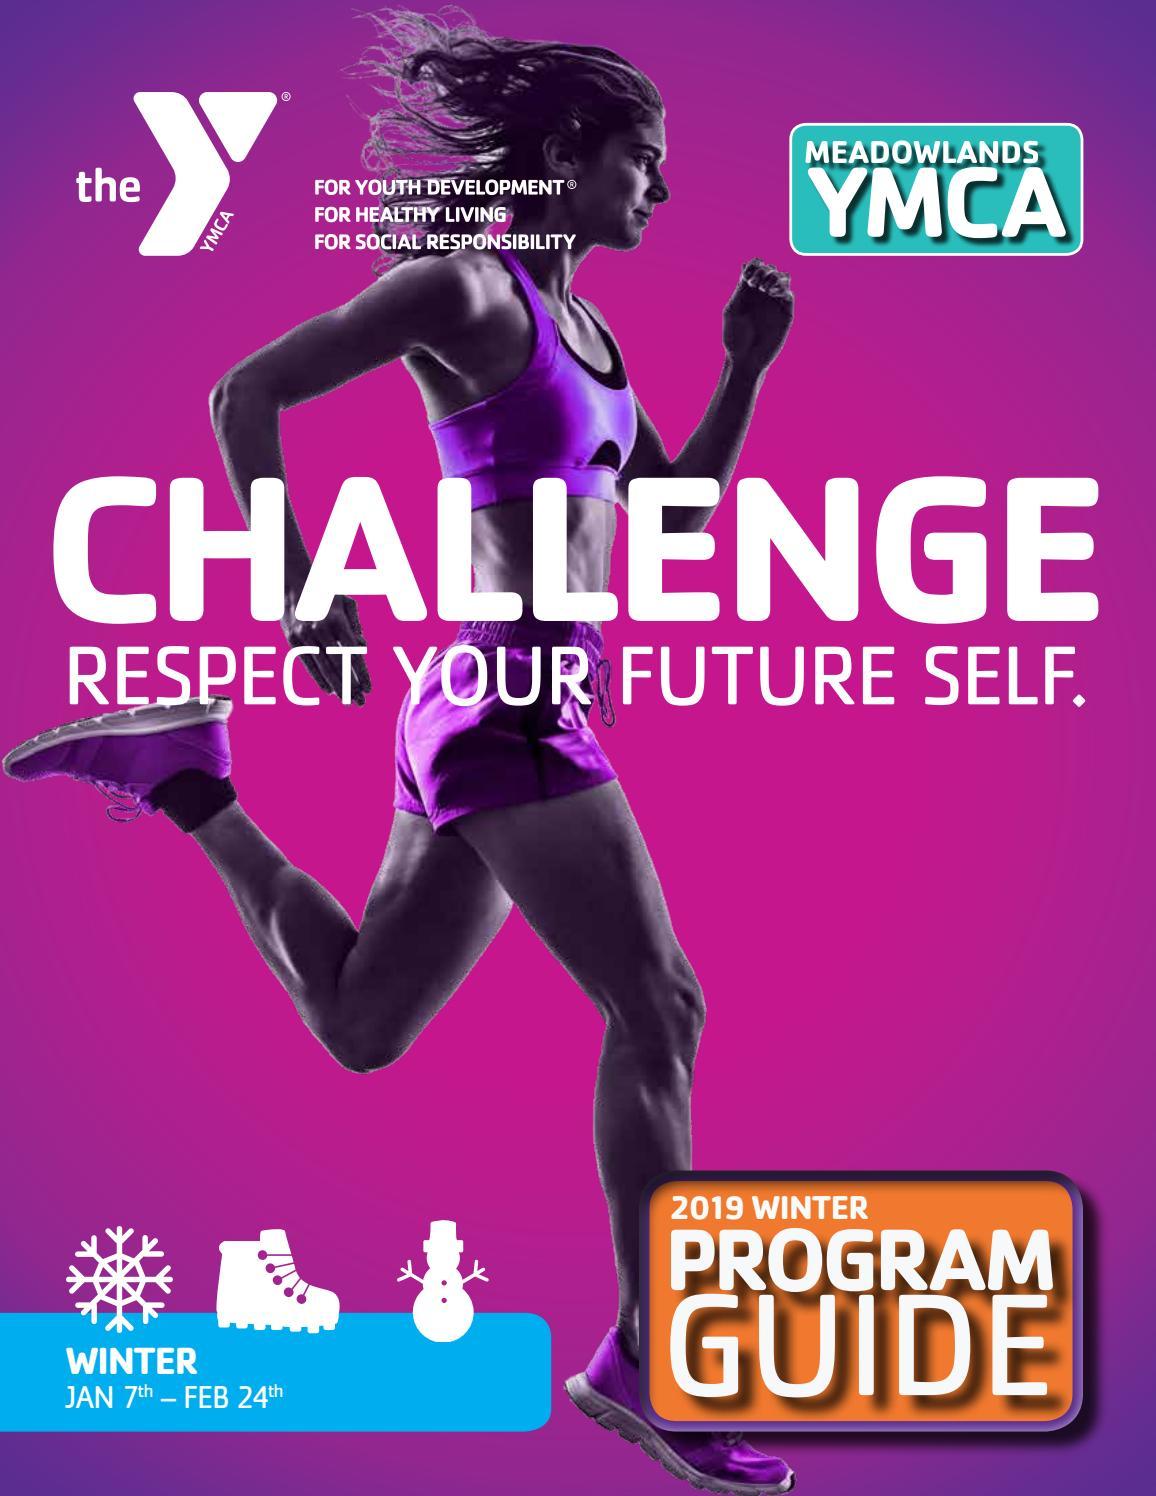 Winter Program Guide | Meadowlands YMCA by